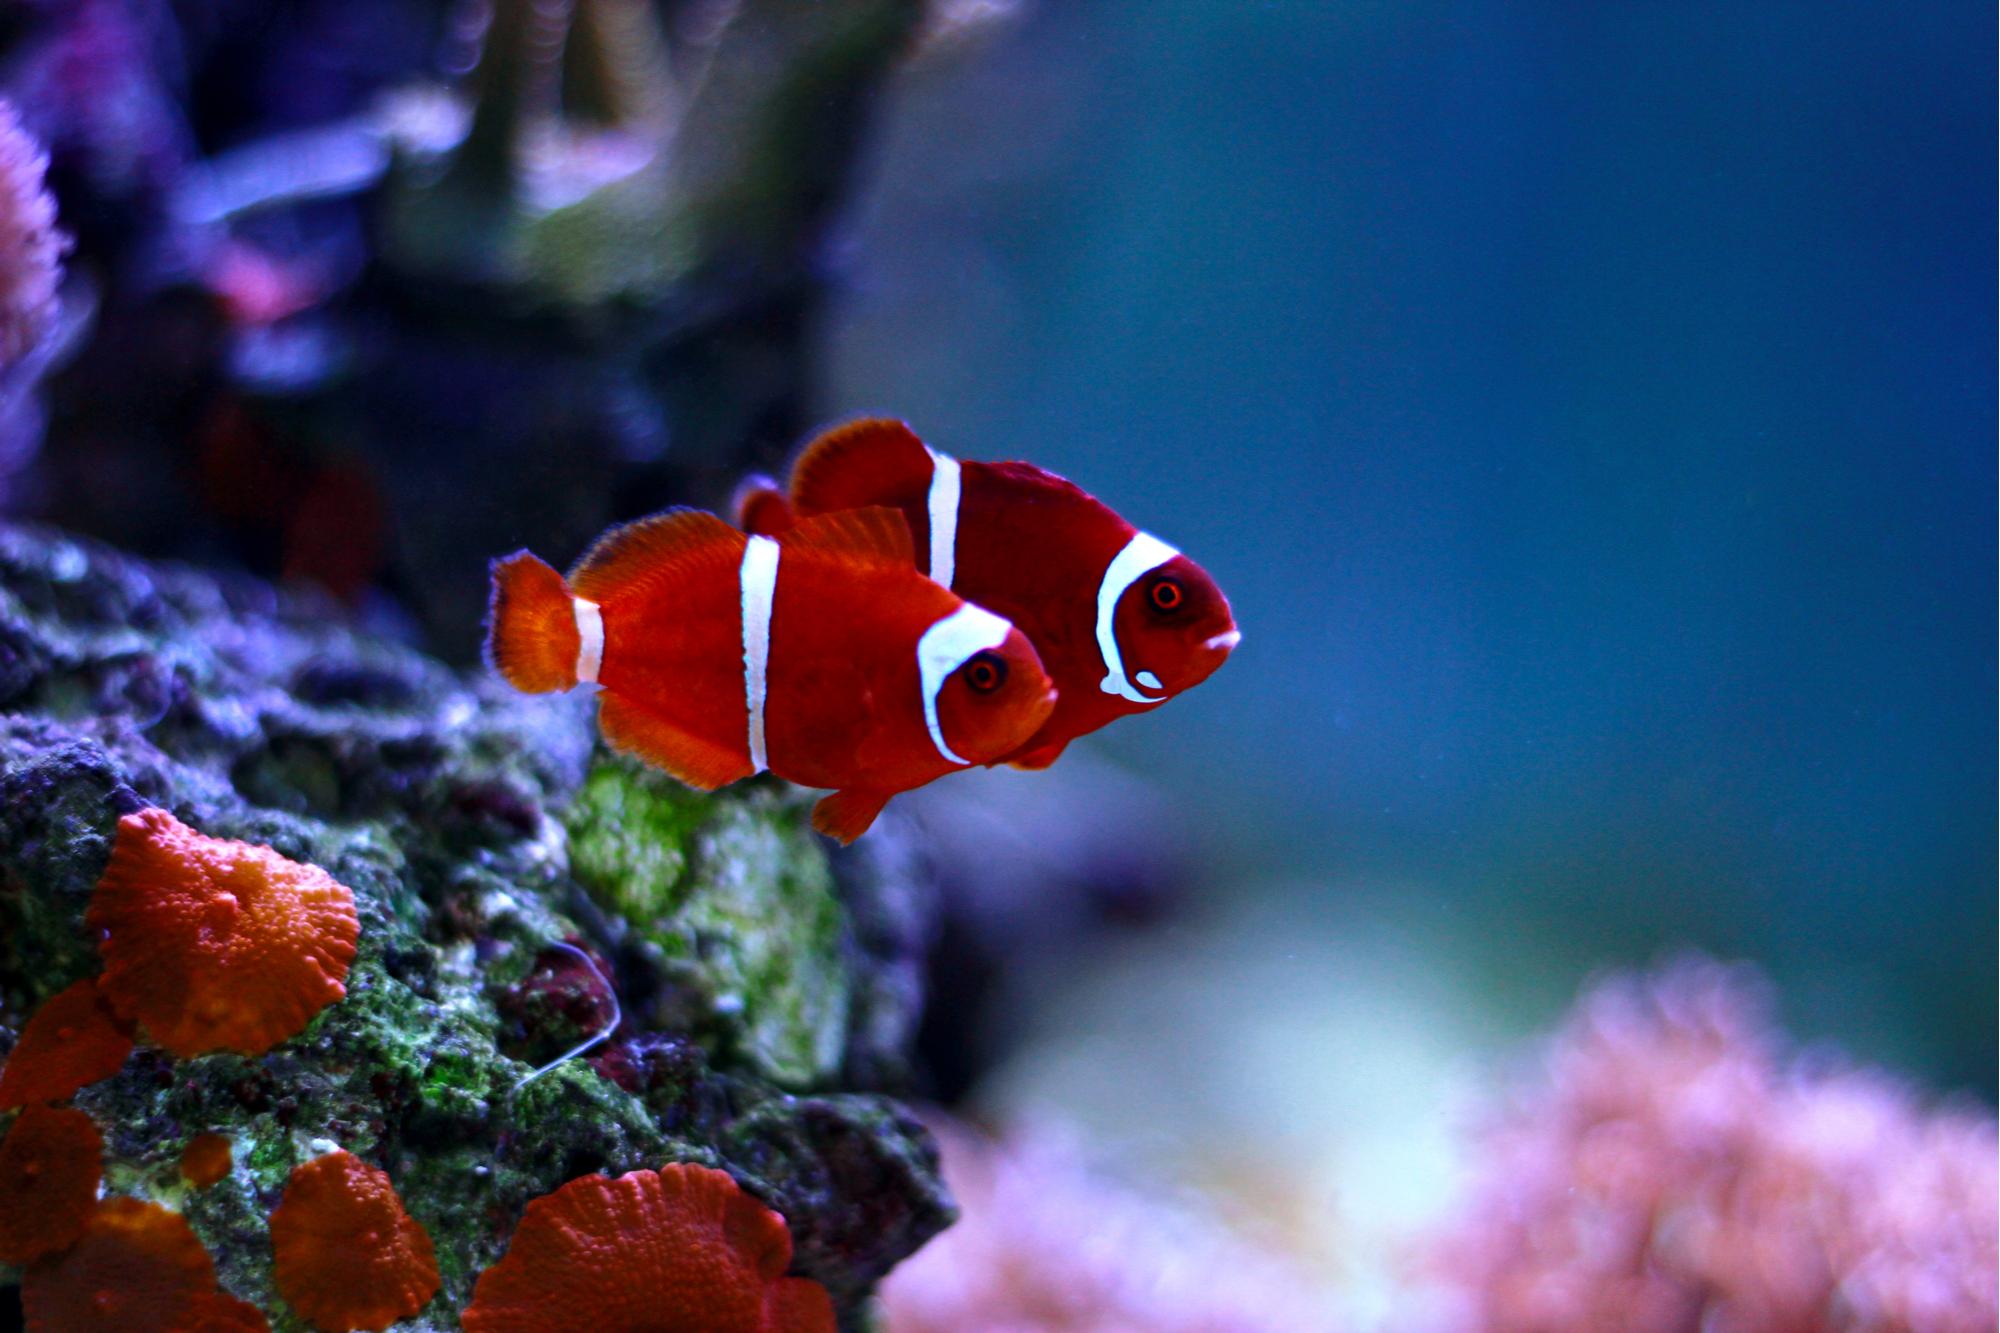 Peixe-palhaço marrom dourado-72ppi